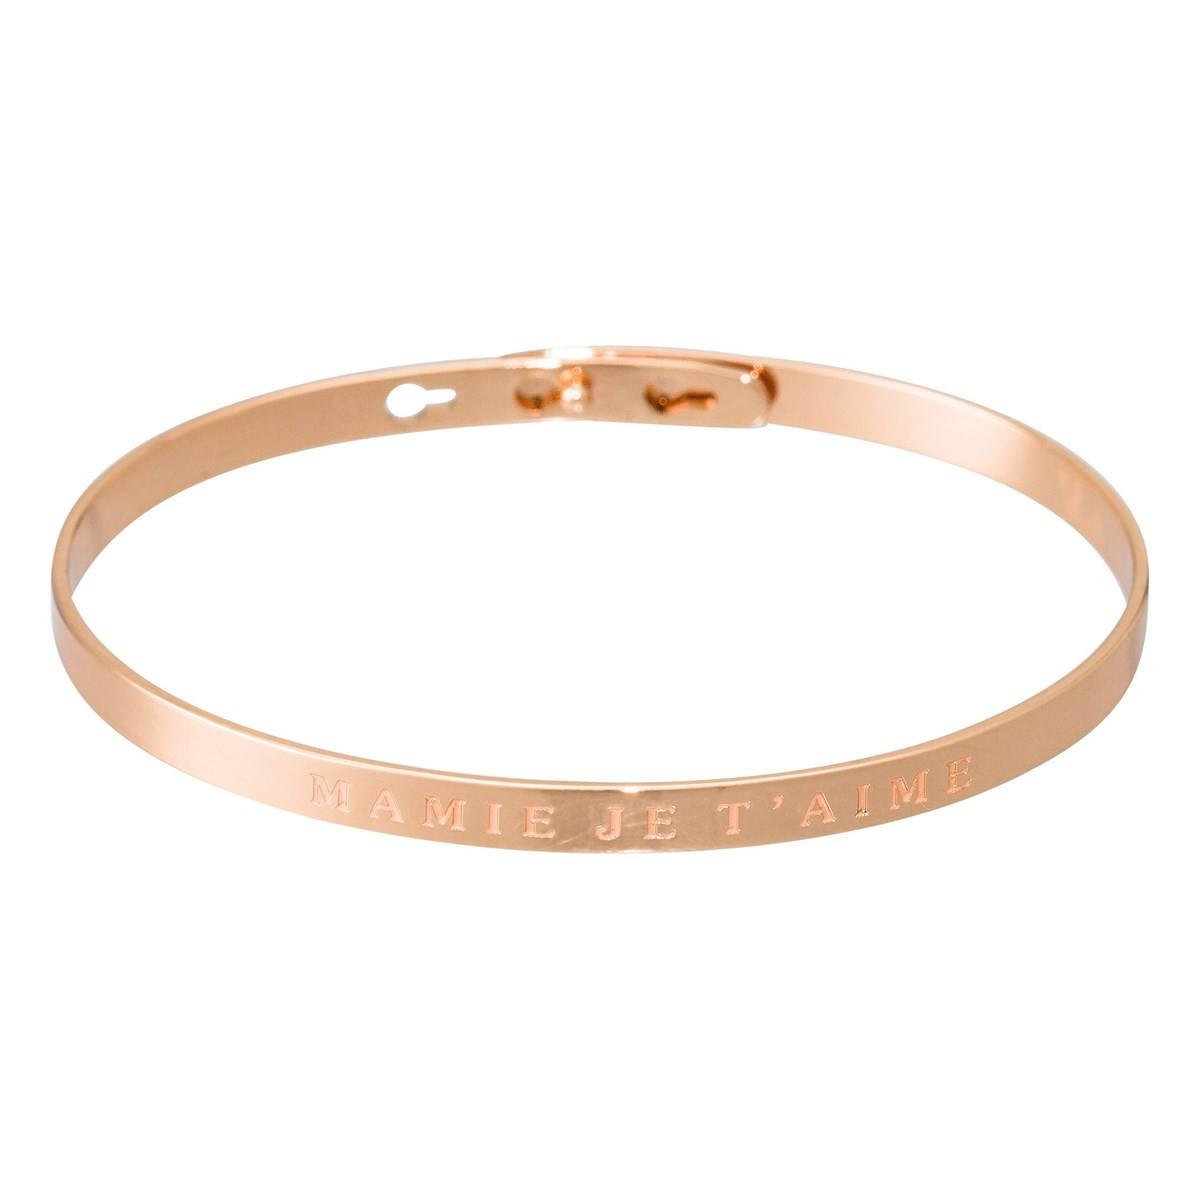 acheter populaire 99d11 d4f86 Bracelet Jonc à message laiton rosé MAMIE JE T'AIME